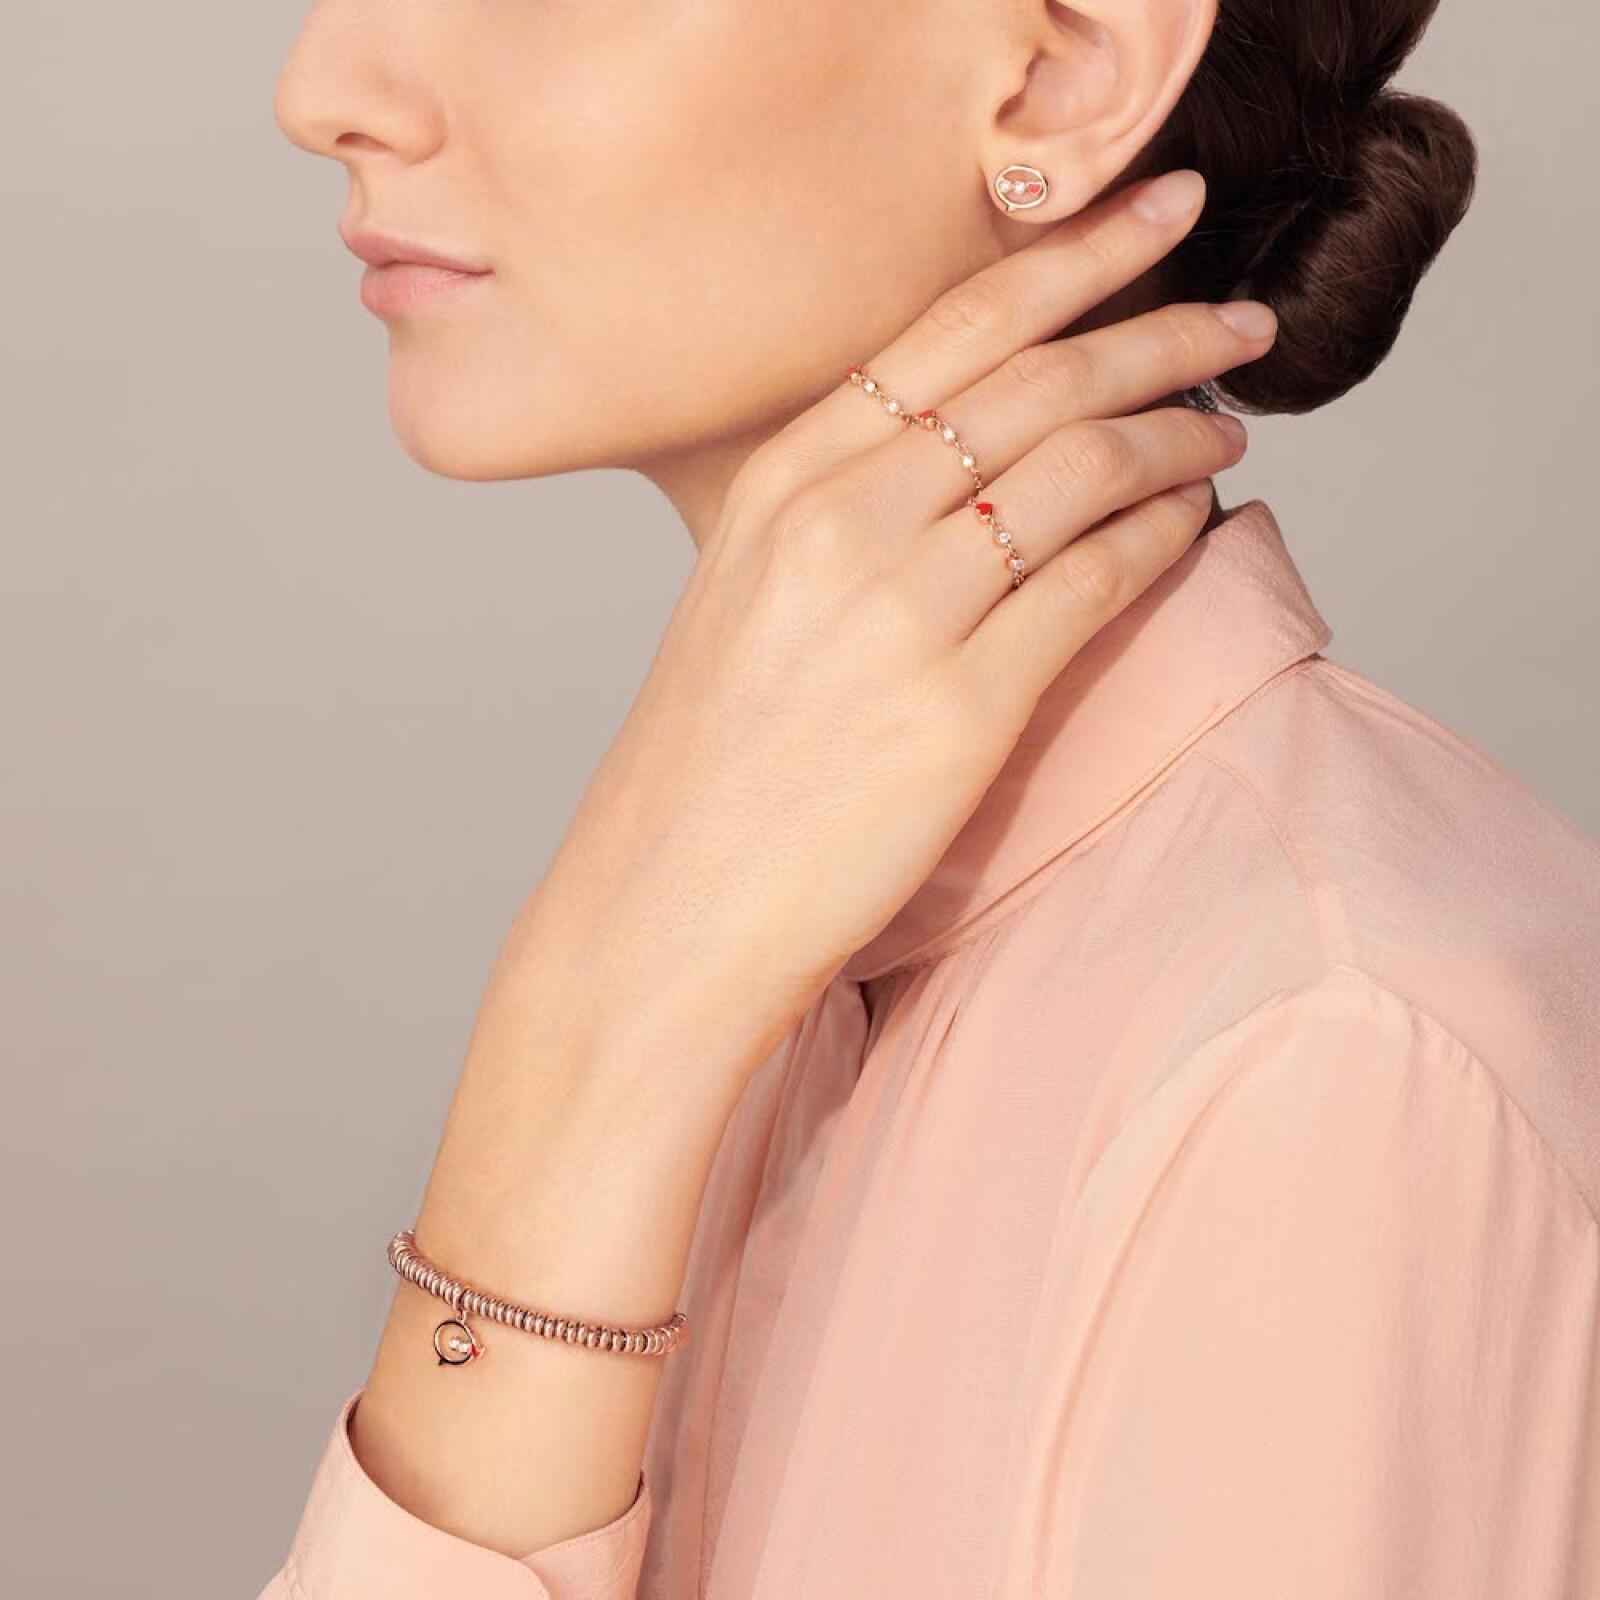 DoDo 2020 Rondelle bracelet with love me.jpg